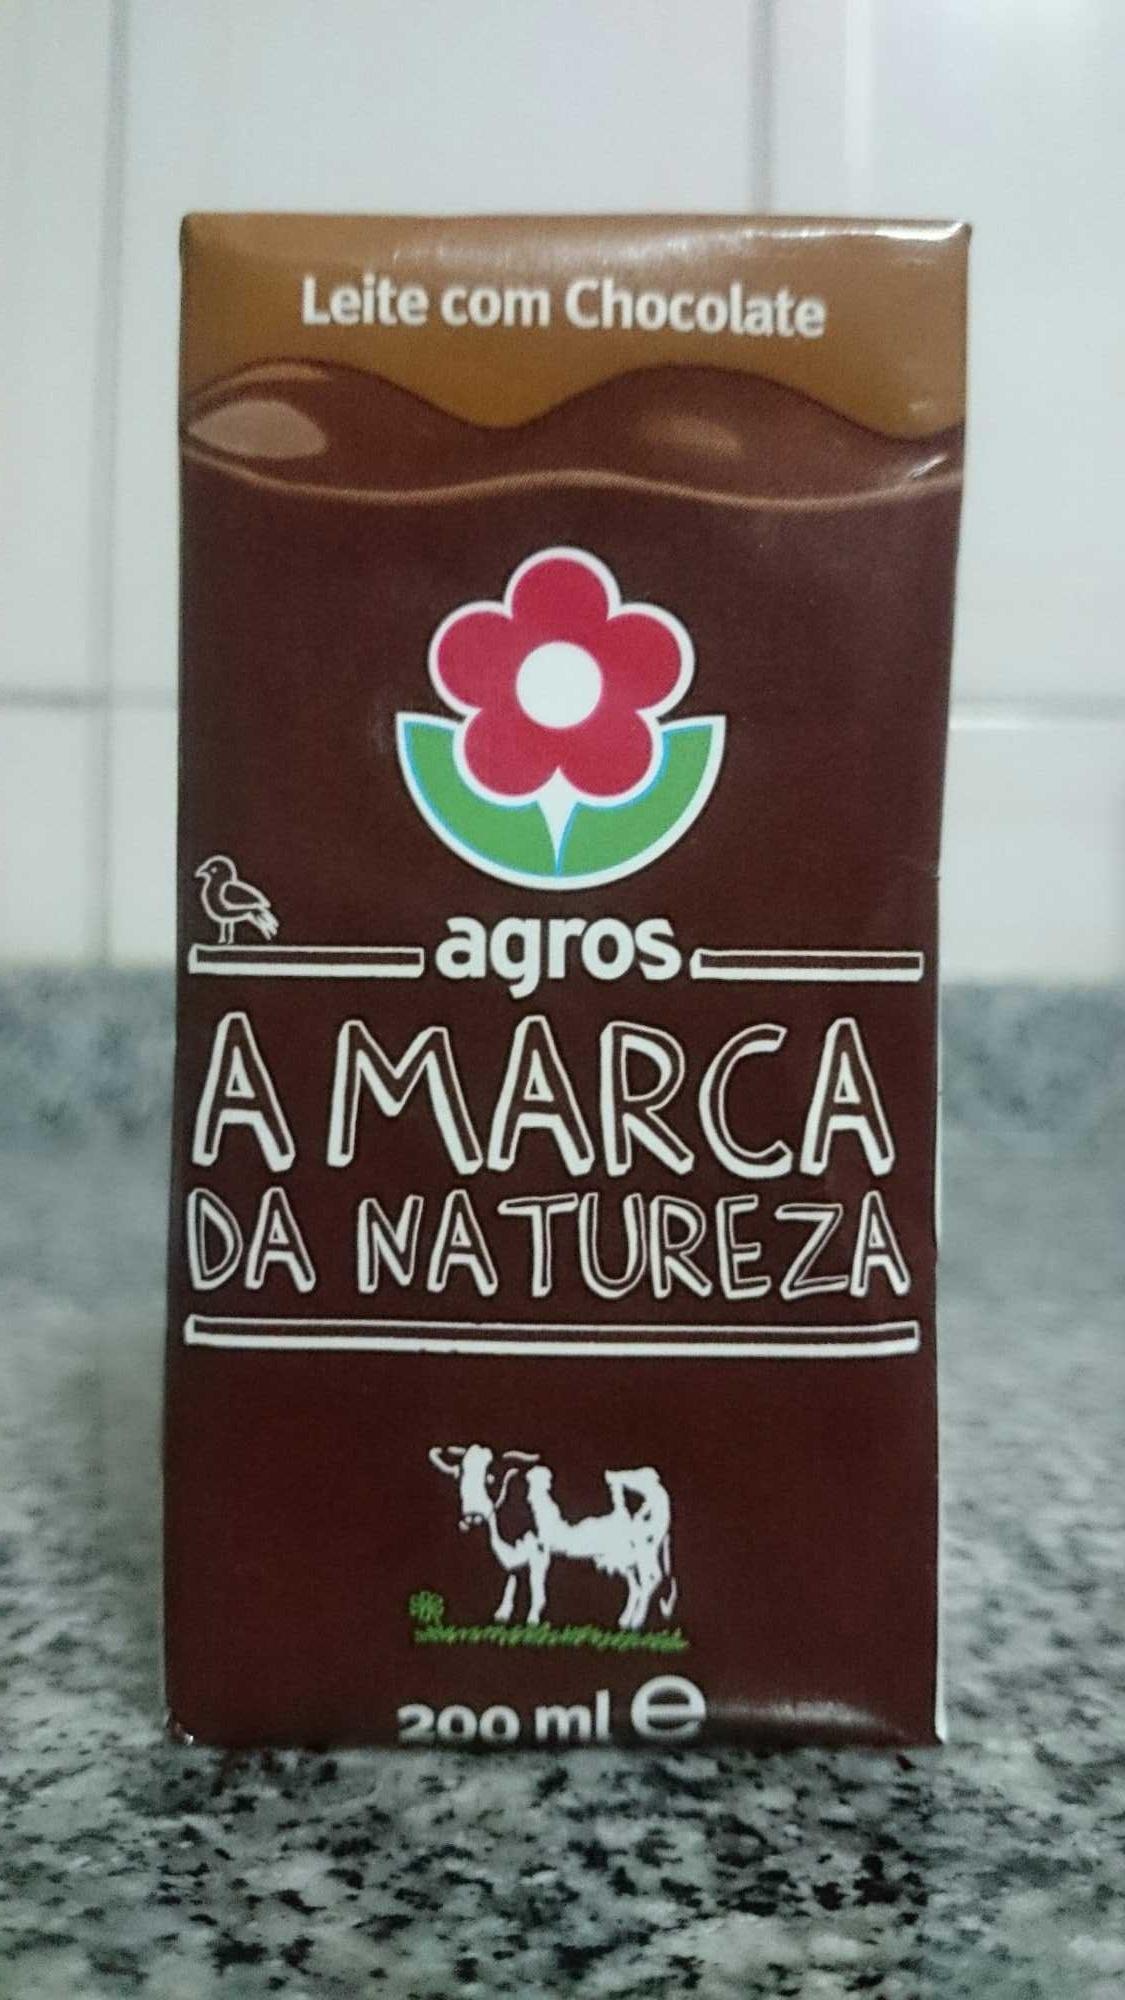 Leite com chocolate - Product - pt